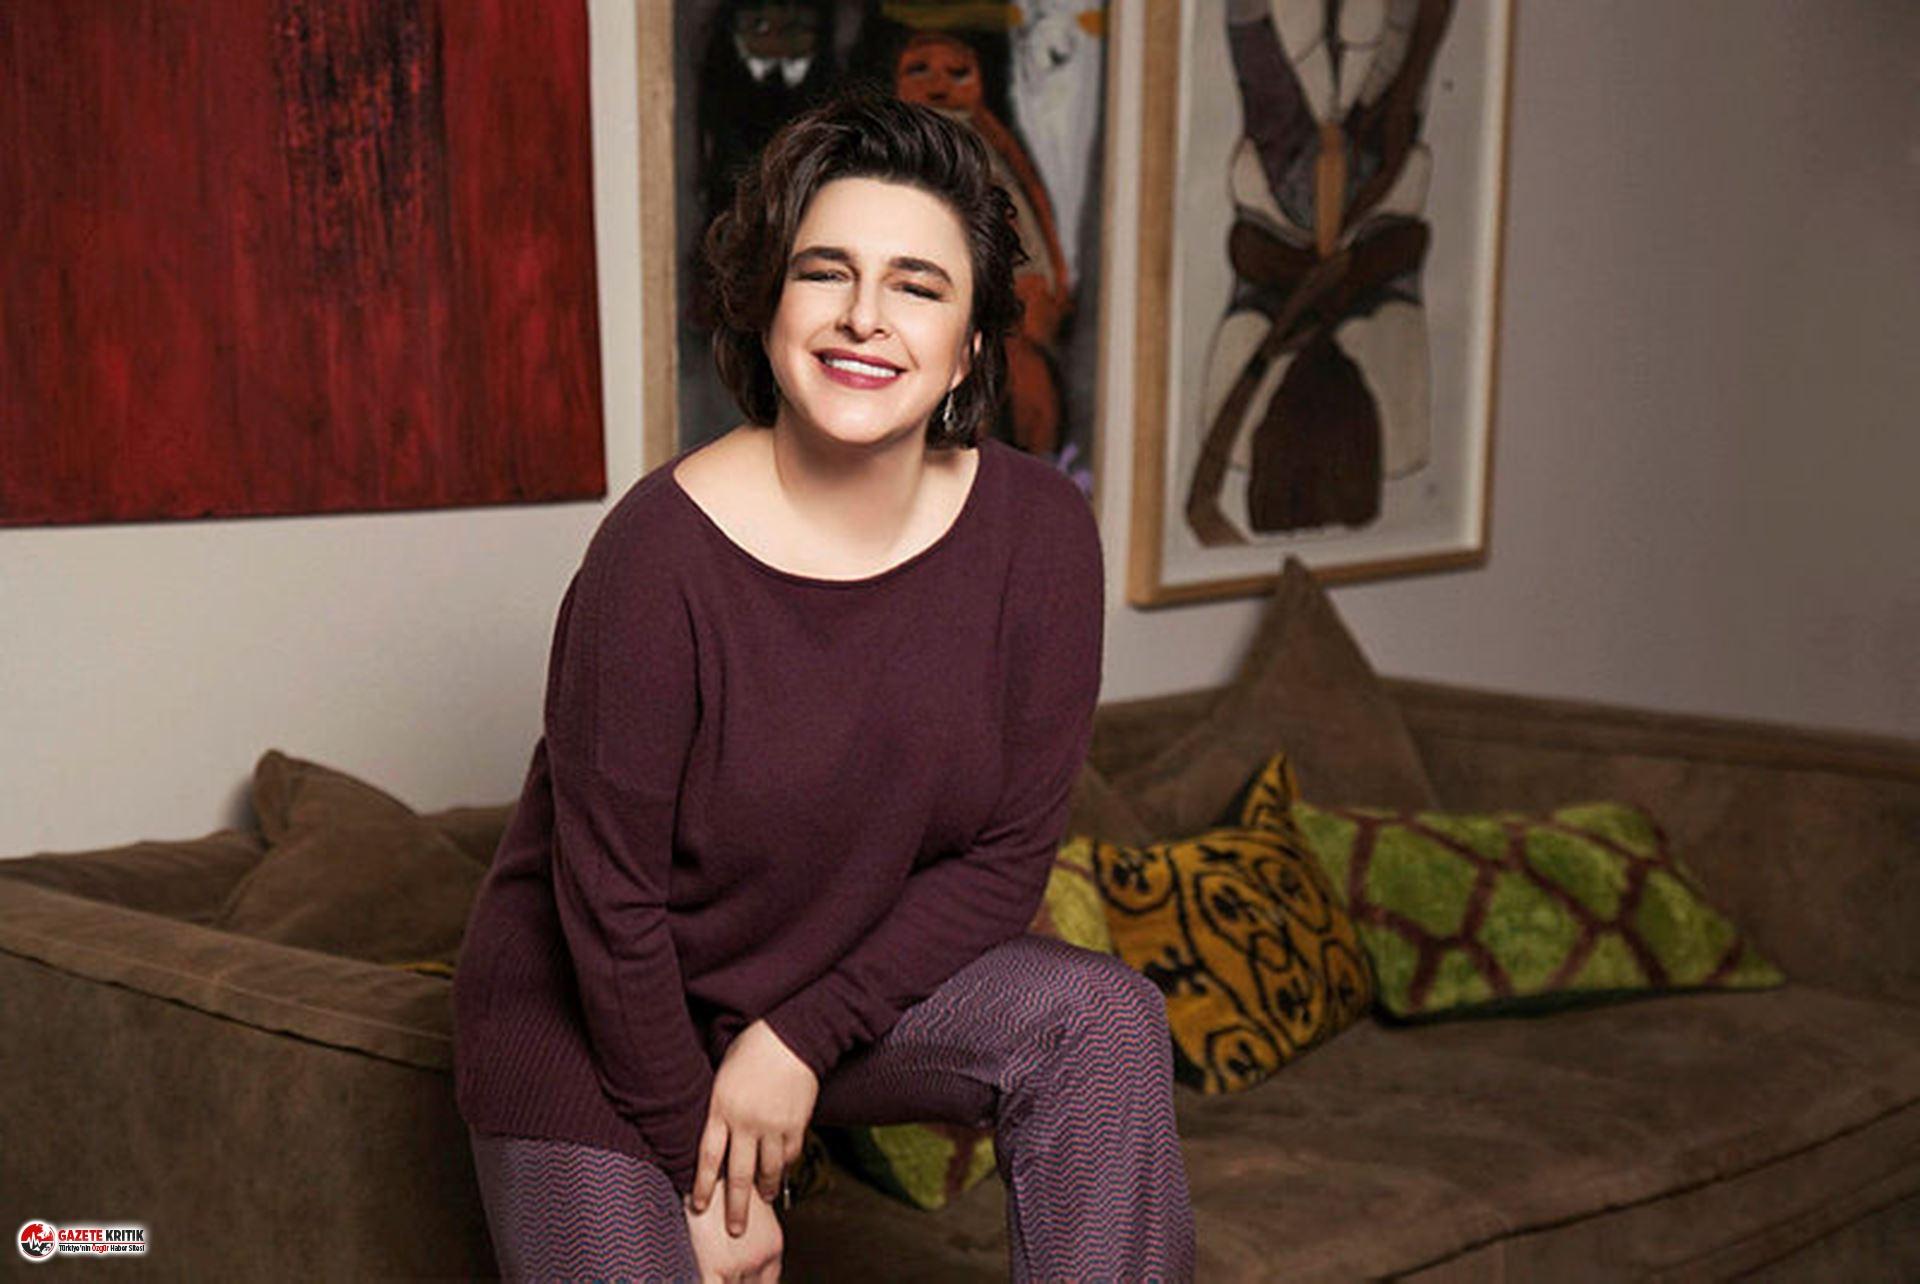 Oyuncu Esra Dermancıoğlu sitem etti: Keşke sevgilimden ayrılmasaydım